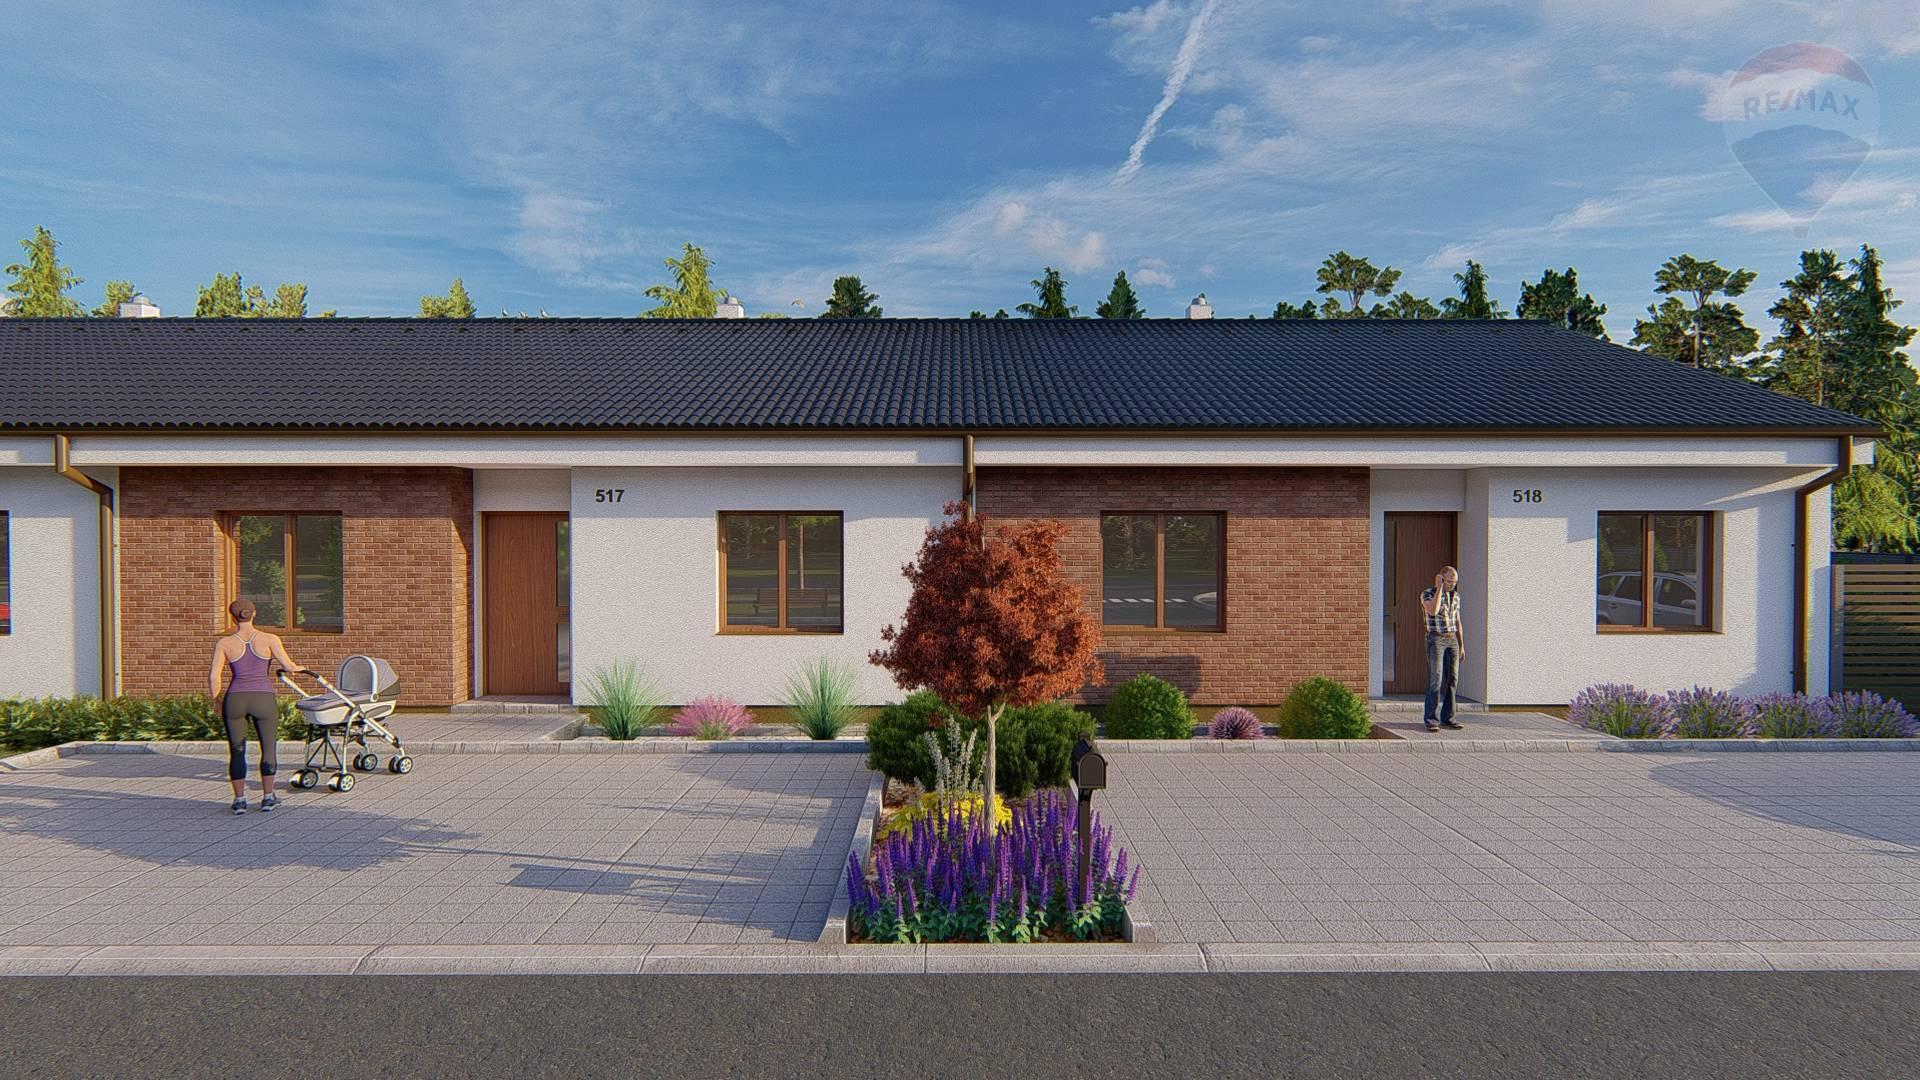 Predaj 4 izbového rodinného domu v dvojdome, Horný Bar, novostavba, 4 izby, 91 m2 ÚP